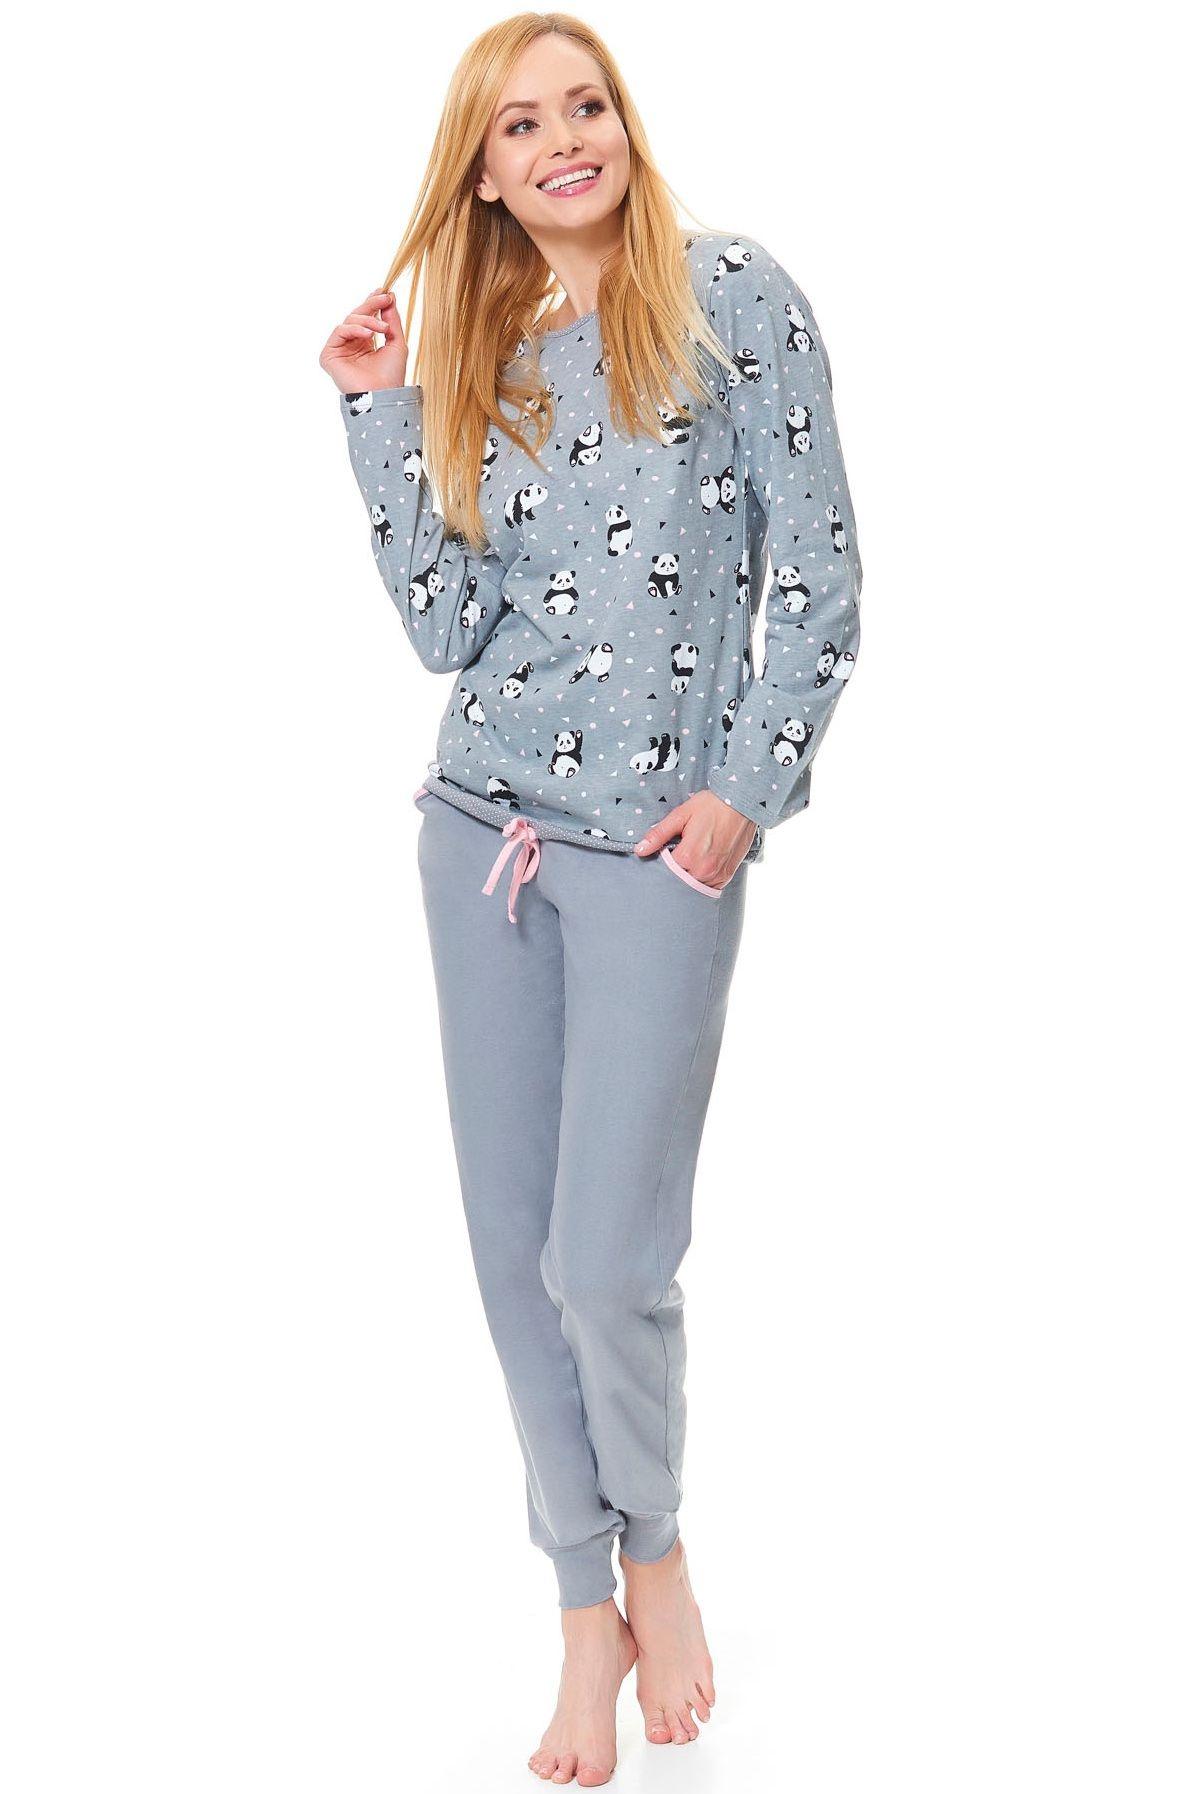 5f02451a5025 Dámské bavlněné pyžamo Funny šedé panda s kapsami a dlouhými rukávy